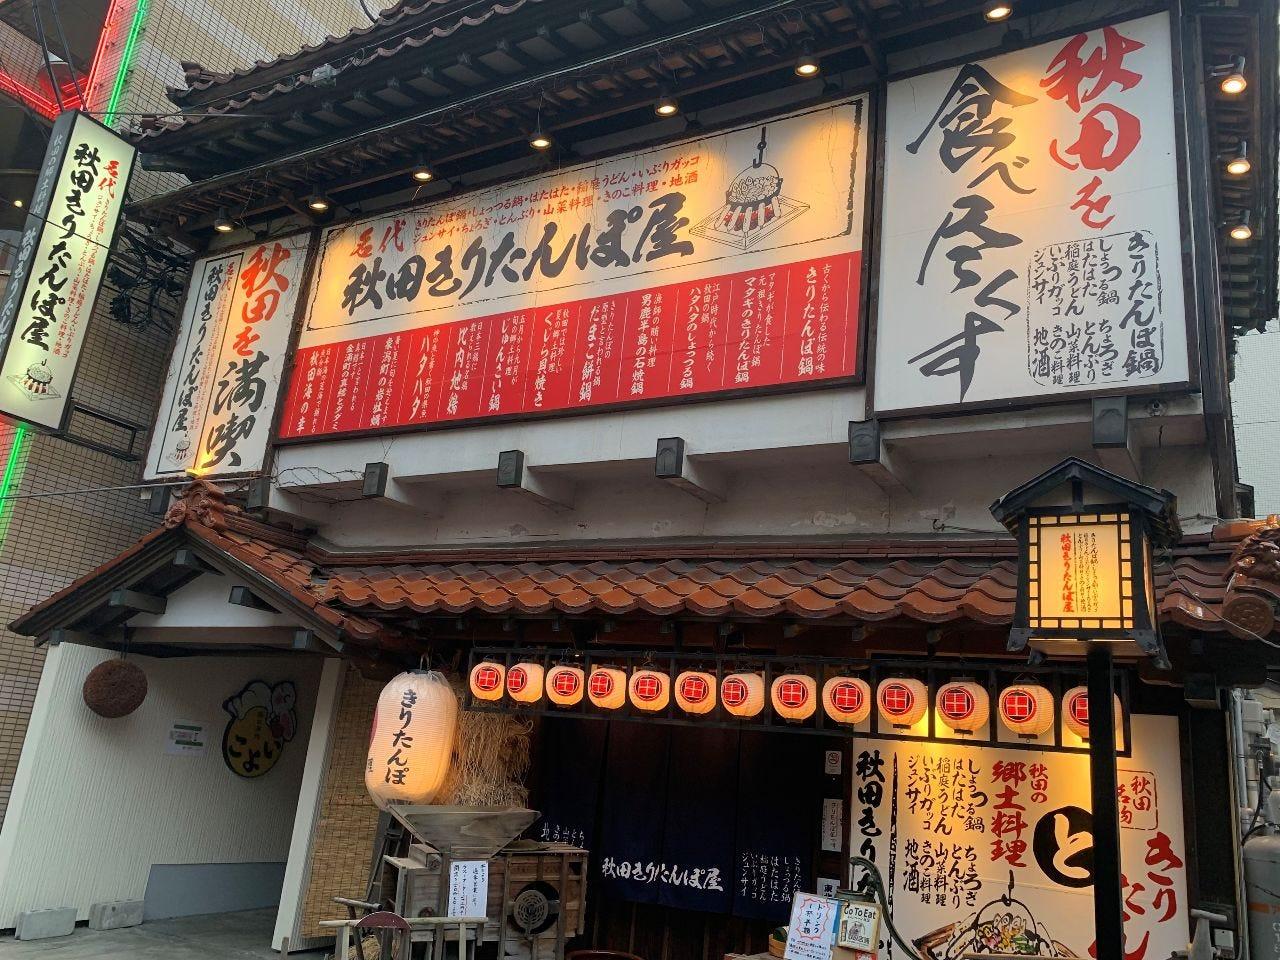 秋田きりたんぽ屋 大町分店のイメージ写真